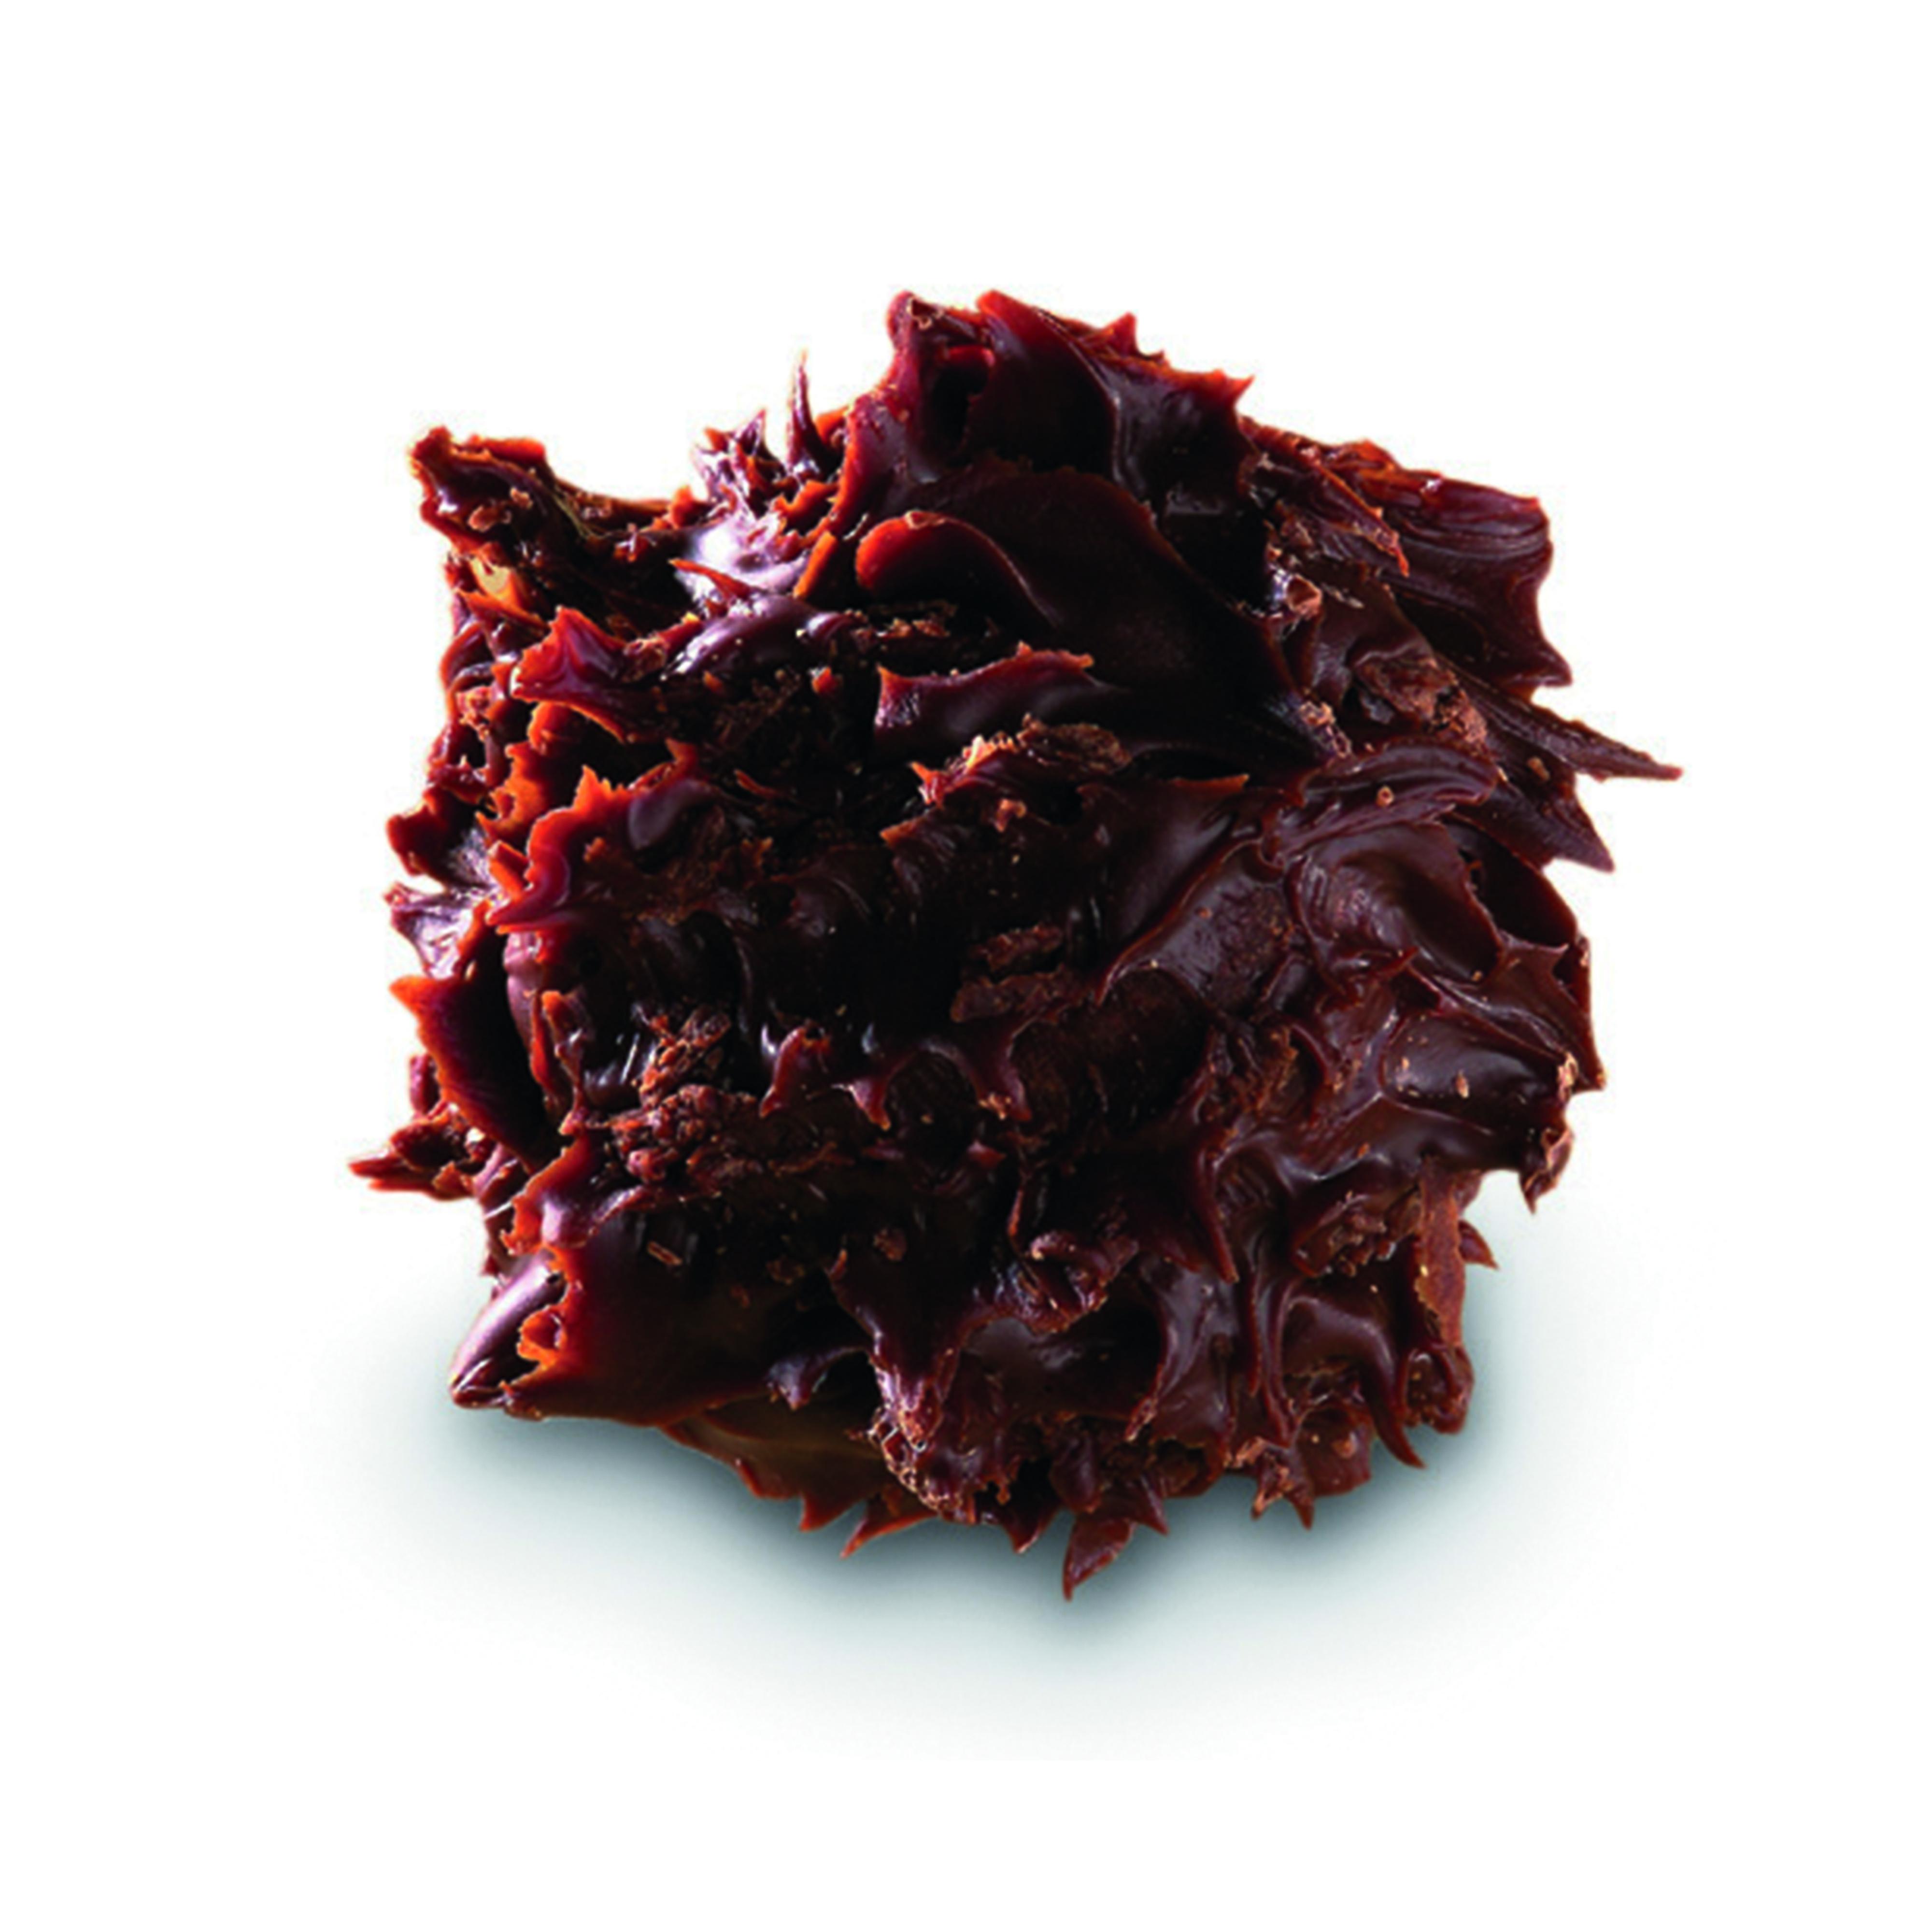 CHARDON POIRE - Chardon à l'eau-de-vie de Poire Williams (45°), enrobée de chocolat noir pour un mélange intense aux notes fruitées.